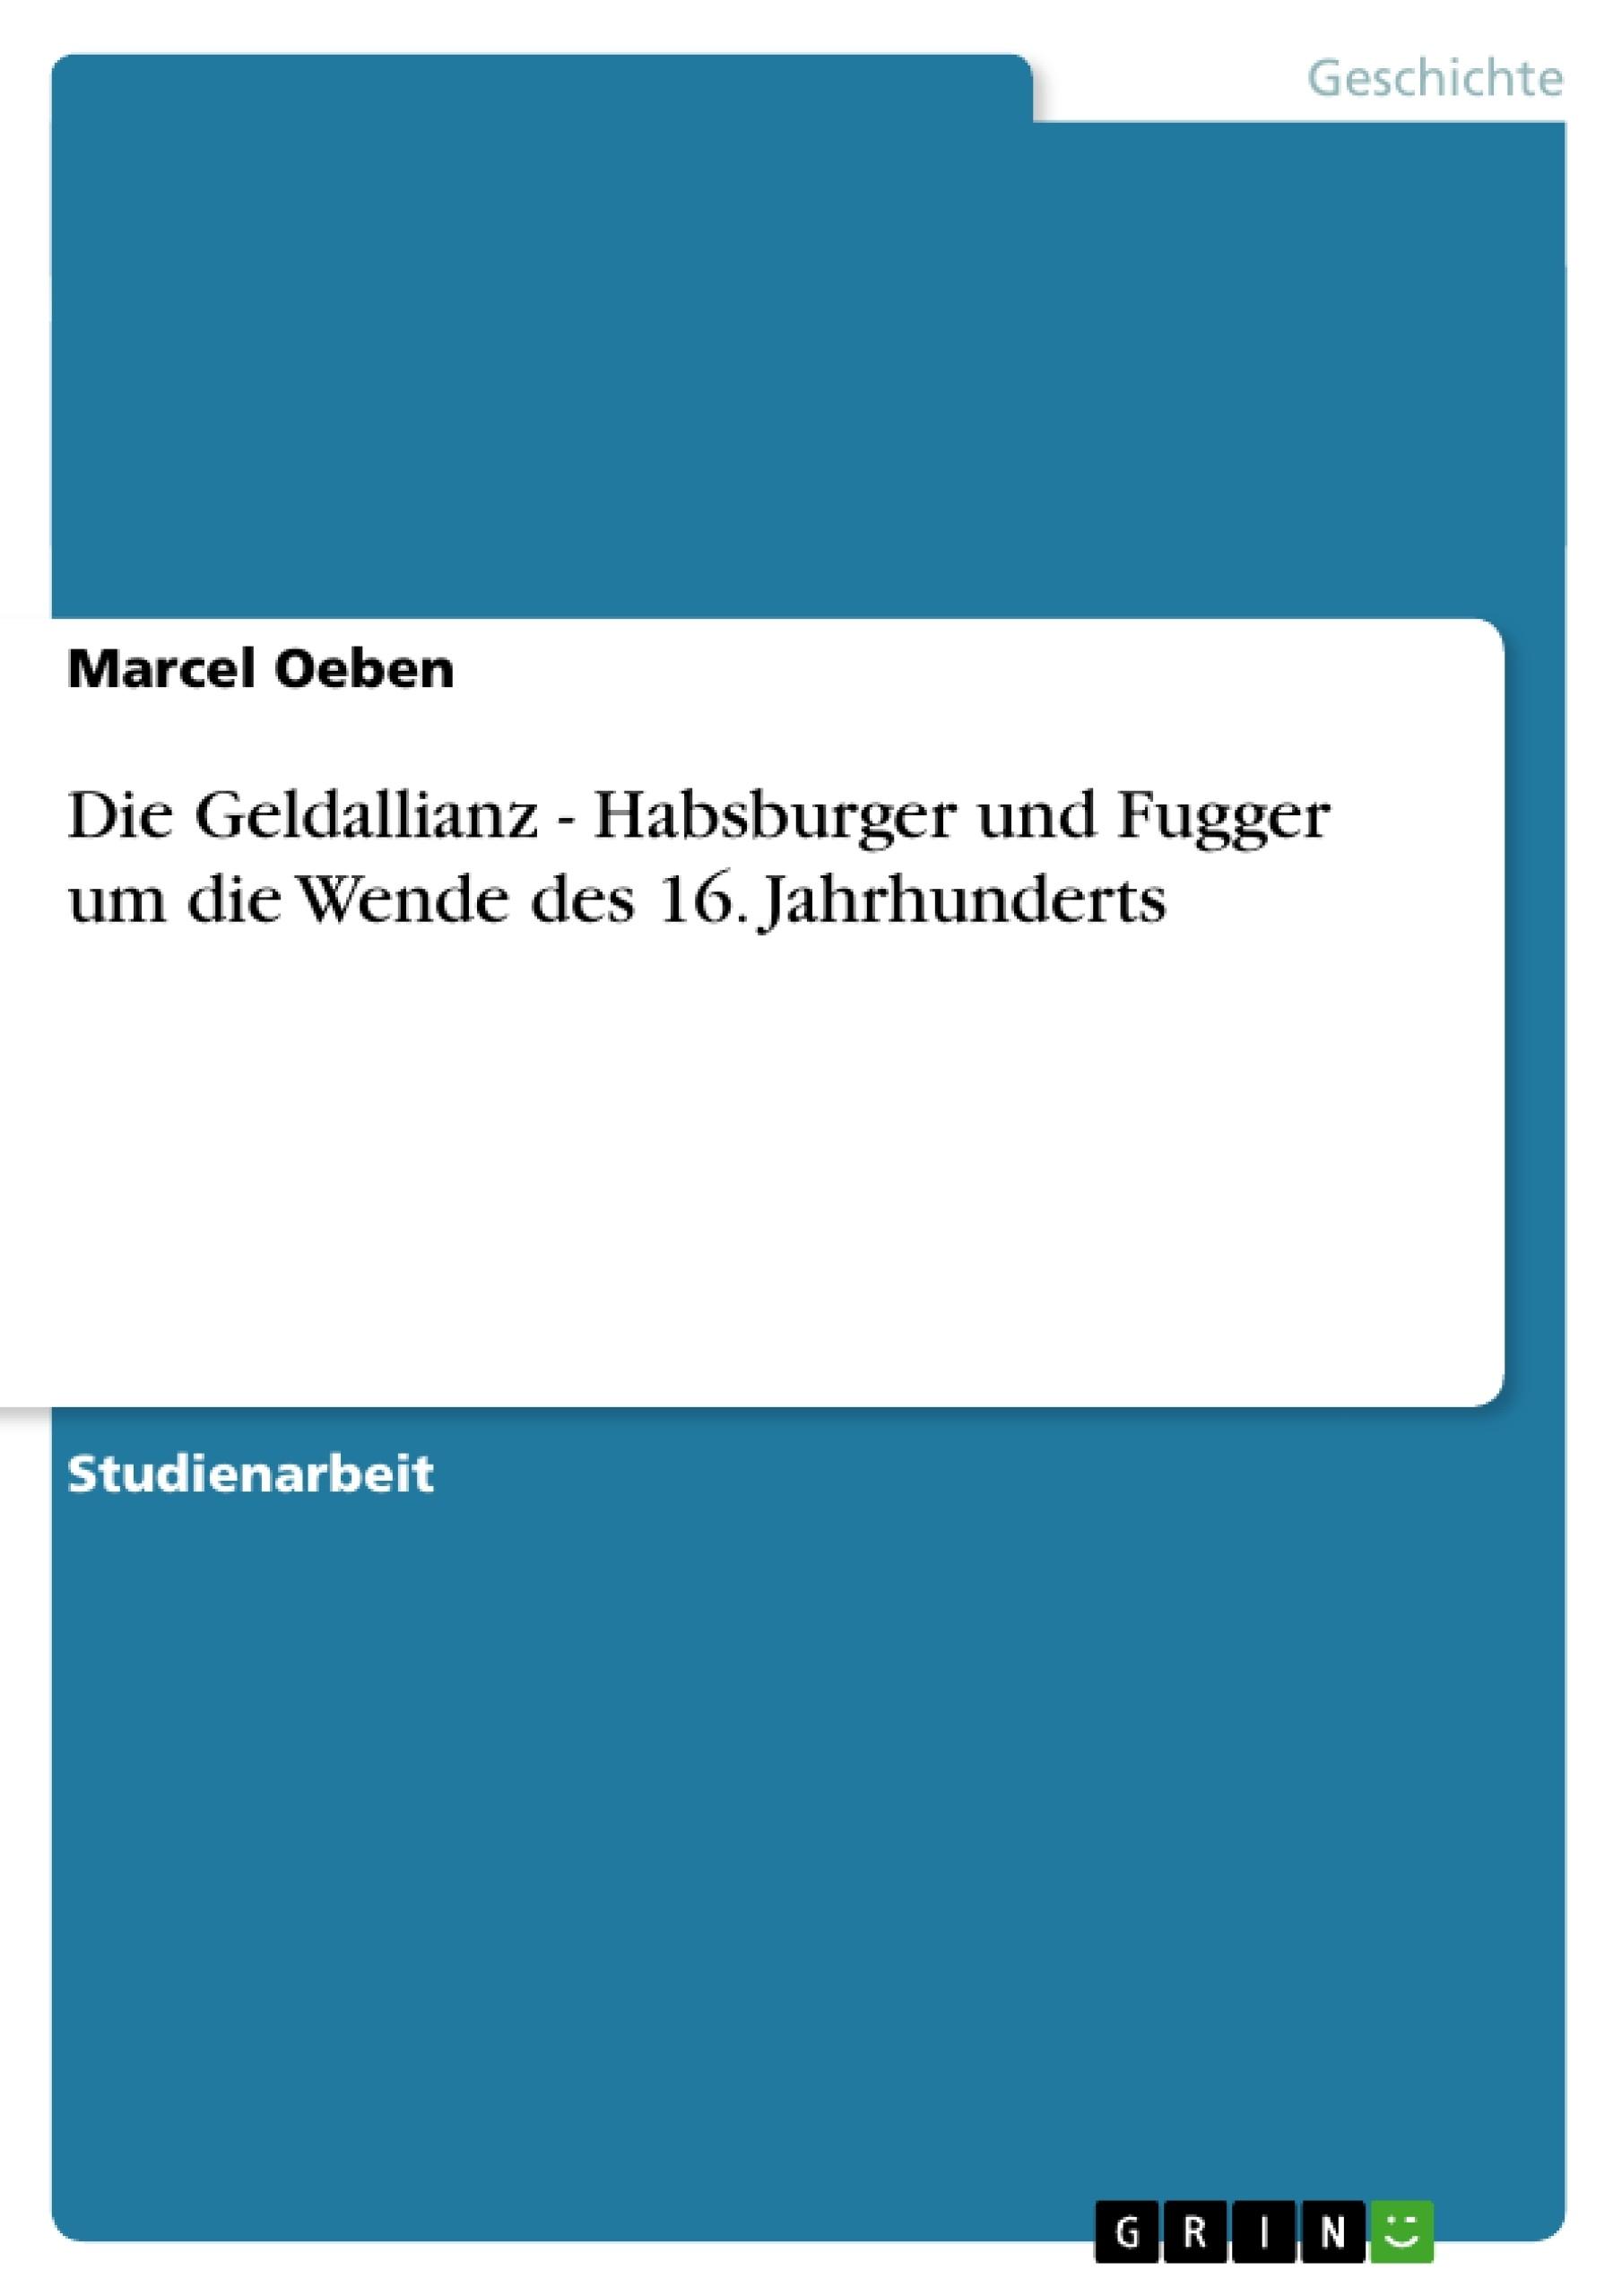 Titel: Die Geldallianz - Habsburger und Fugger um die Wende des 16. Jahrhunderts